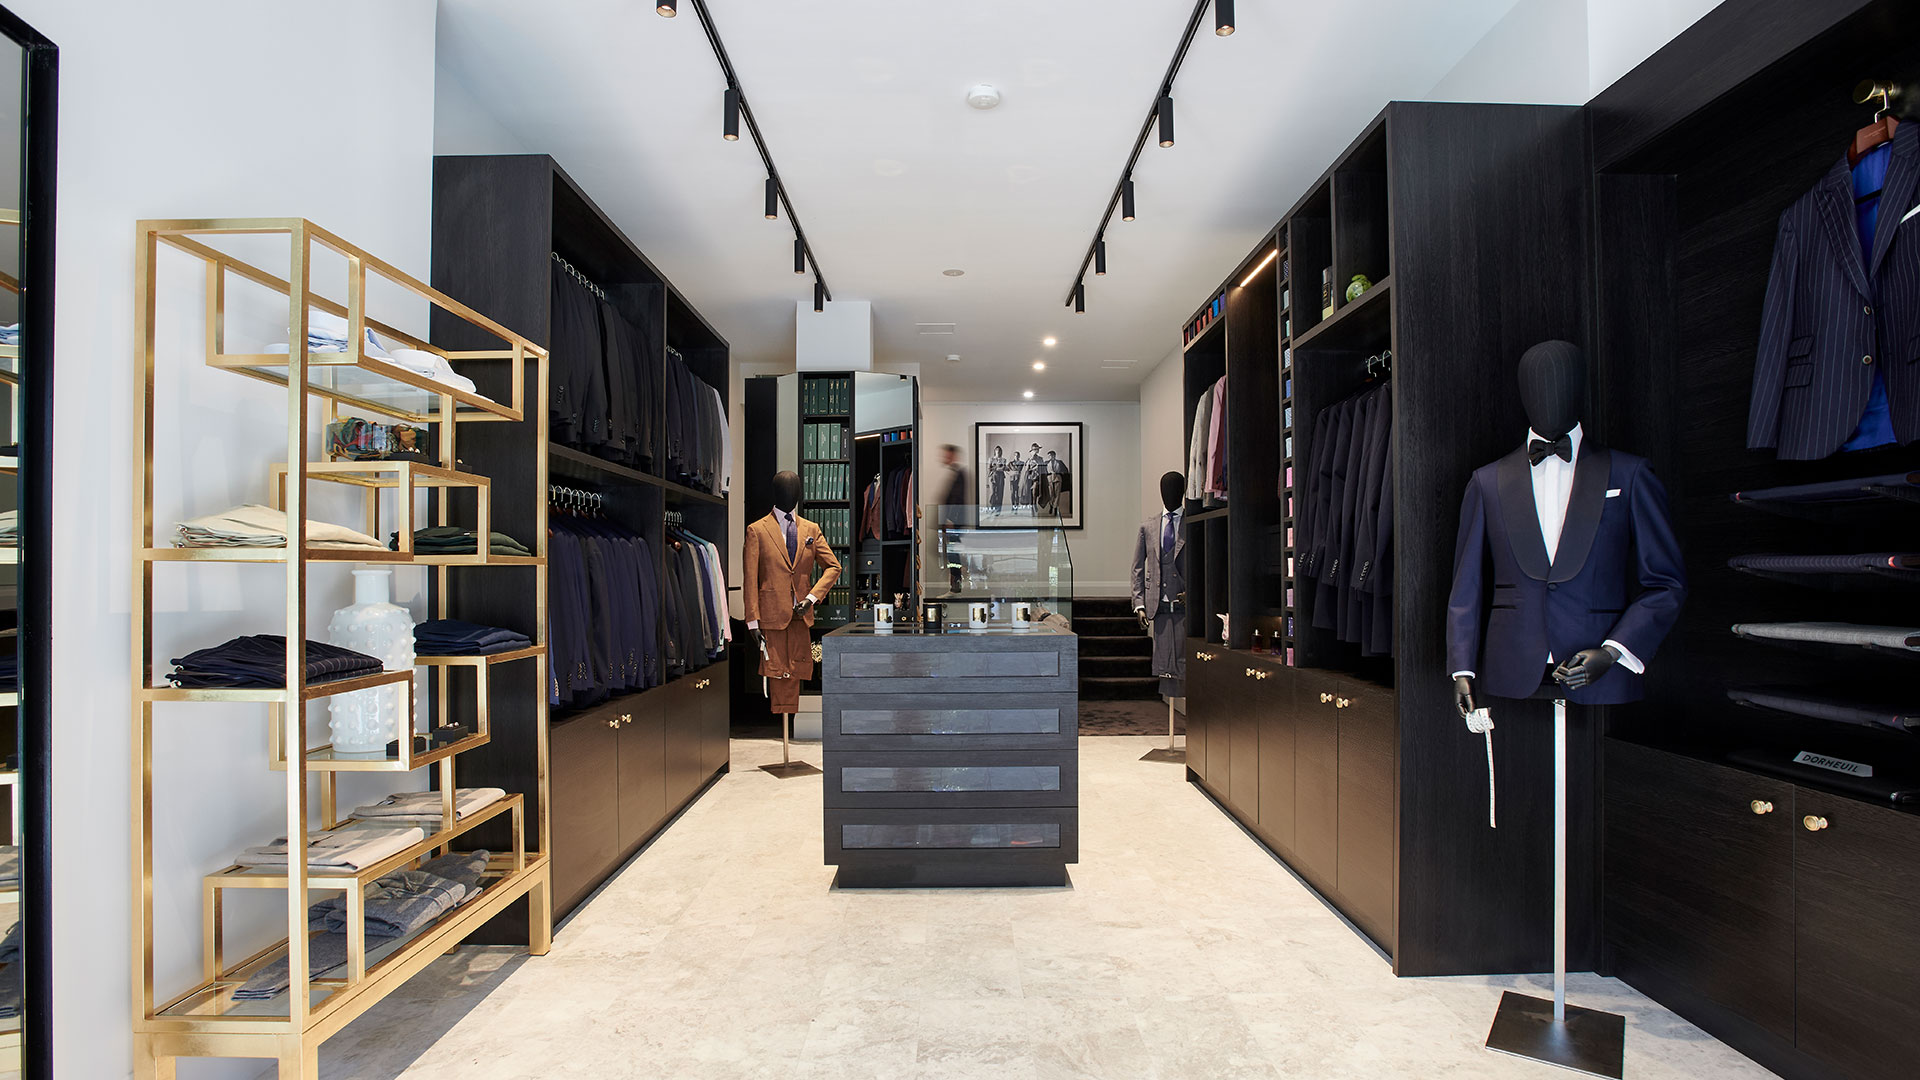 Bespoke Suit Tailors Melbourne Sydney